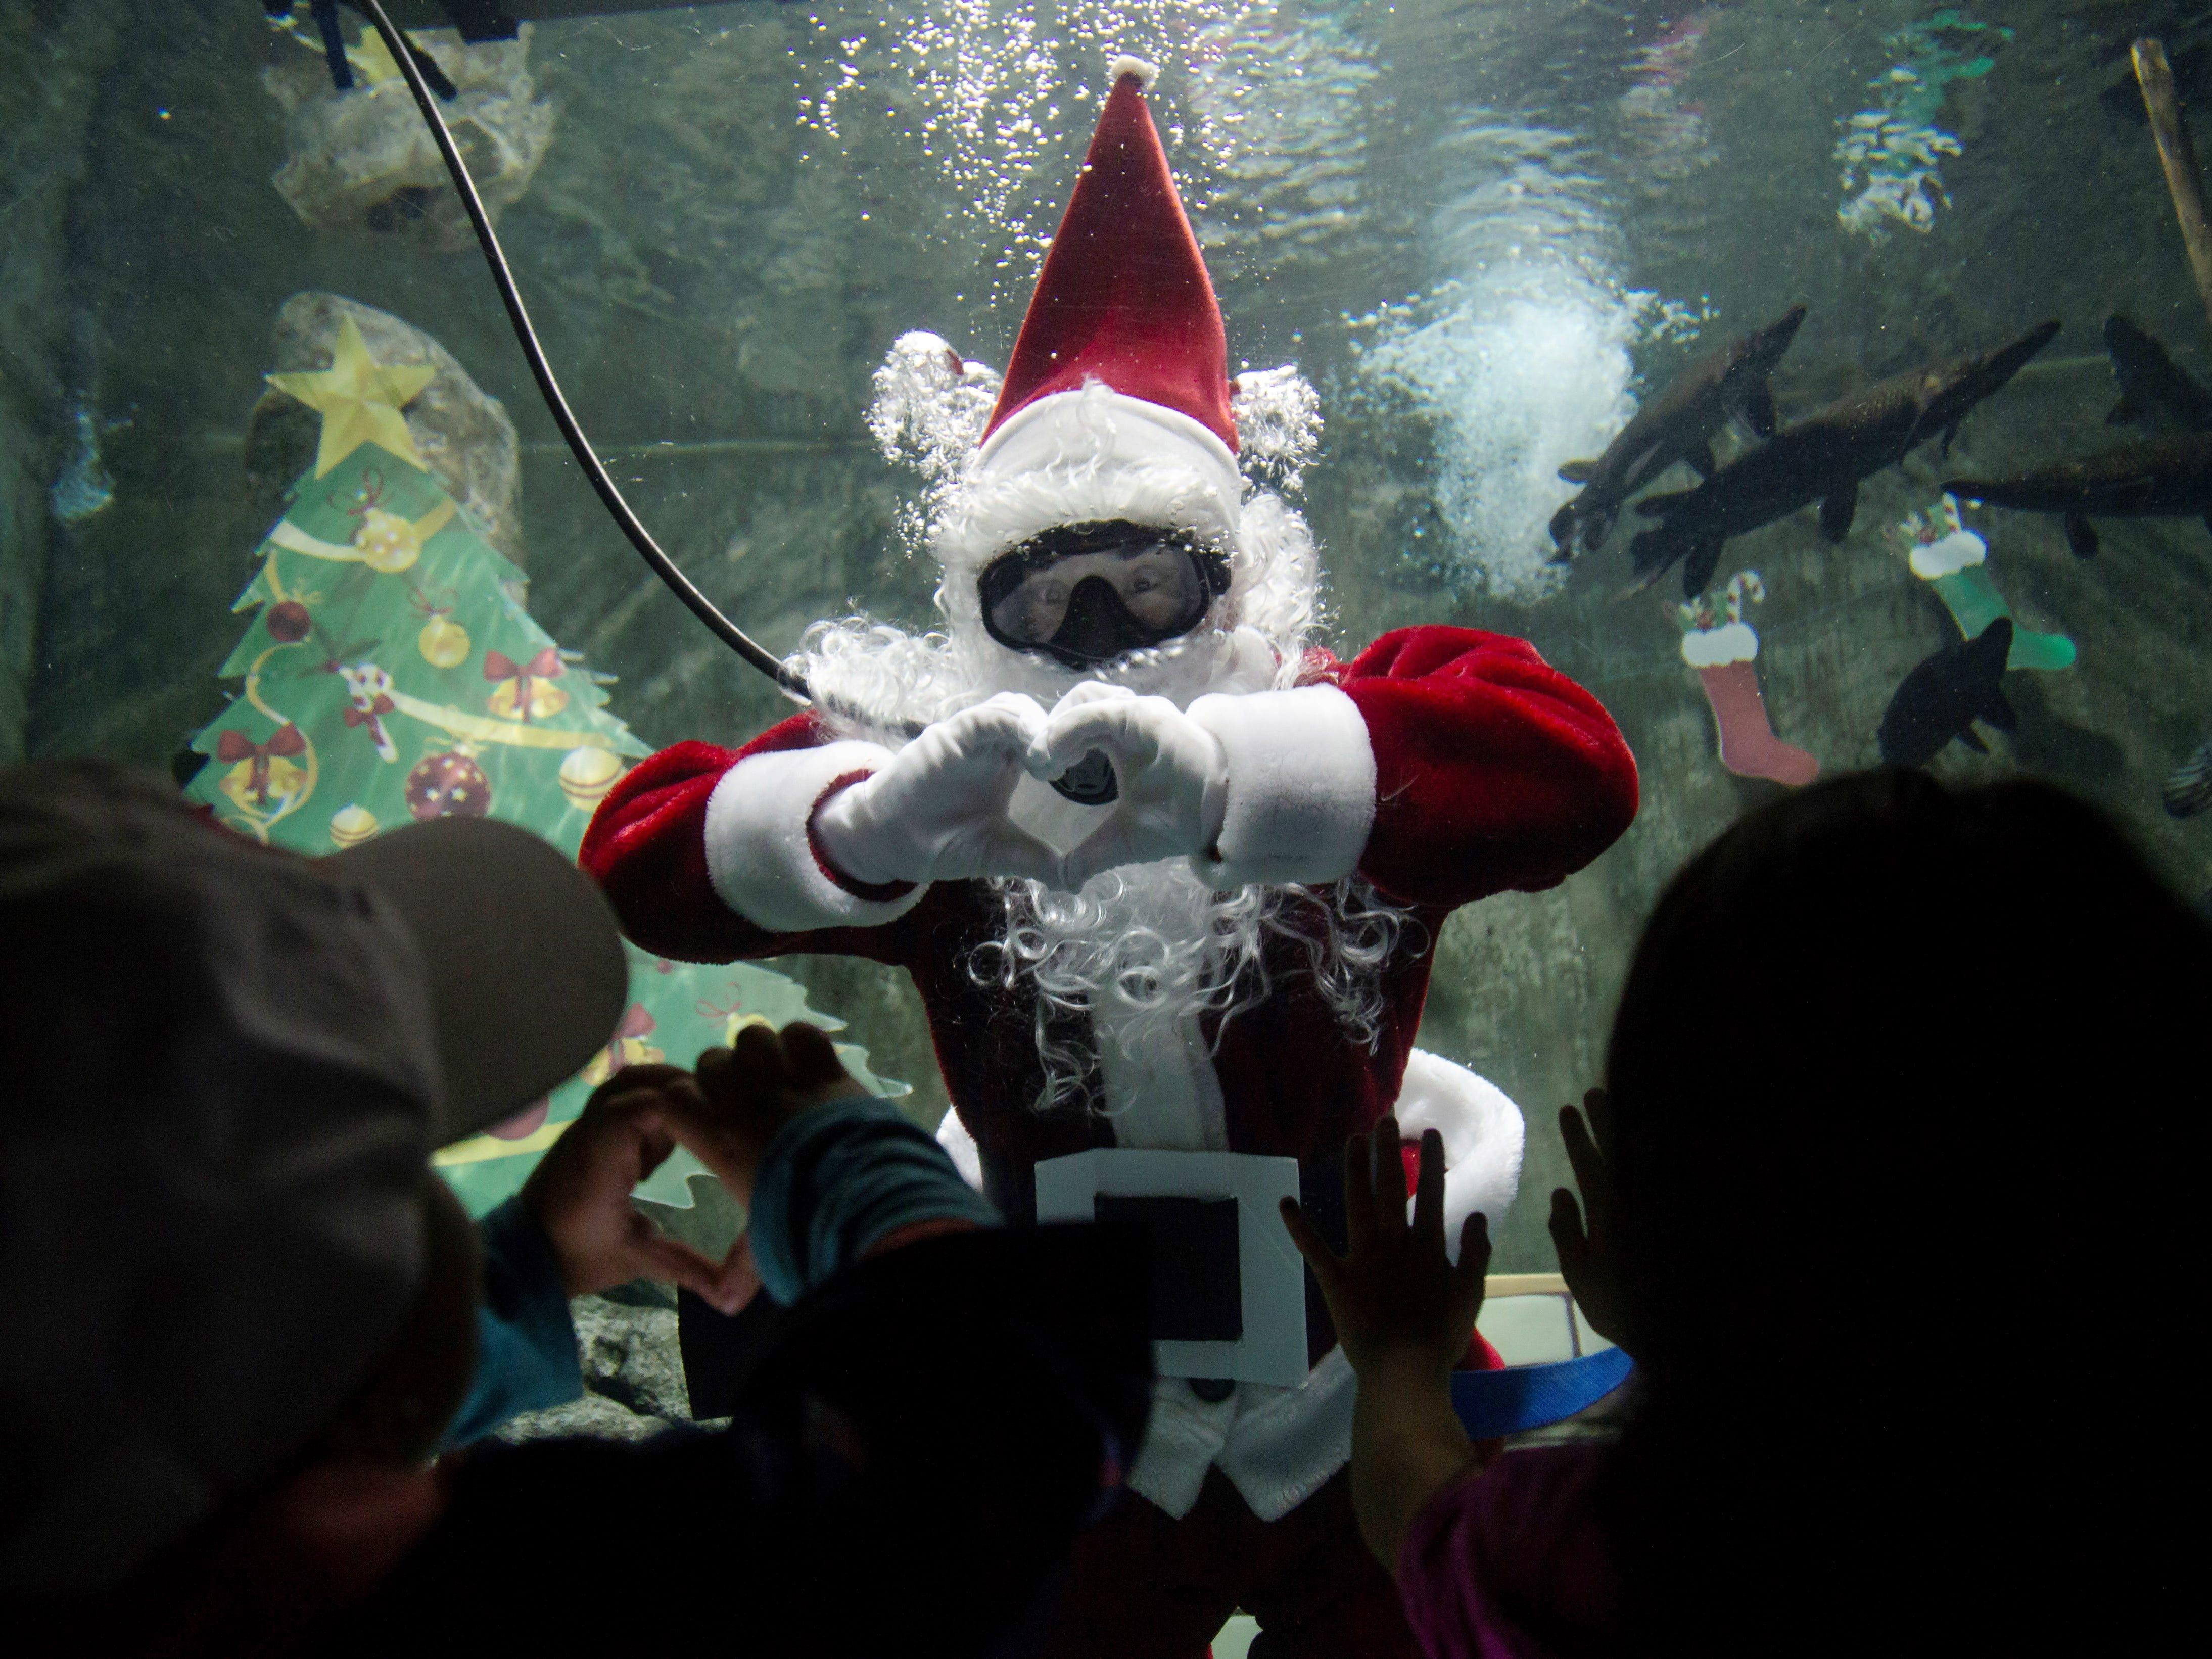 Santa Claus swims in the aquarium of the Guadalajara Zoo in Guadalajara, Mexico, Dec. 9,  2018.